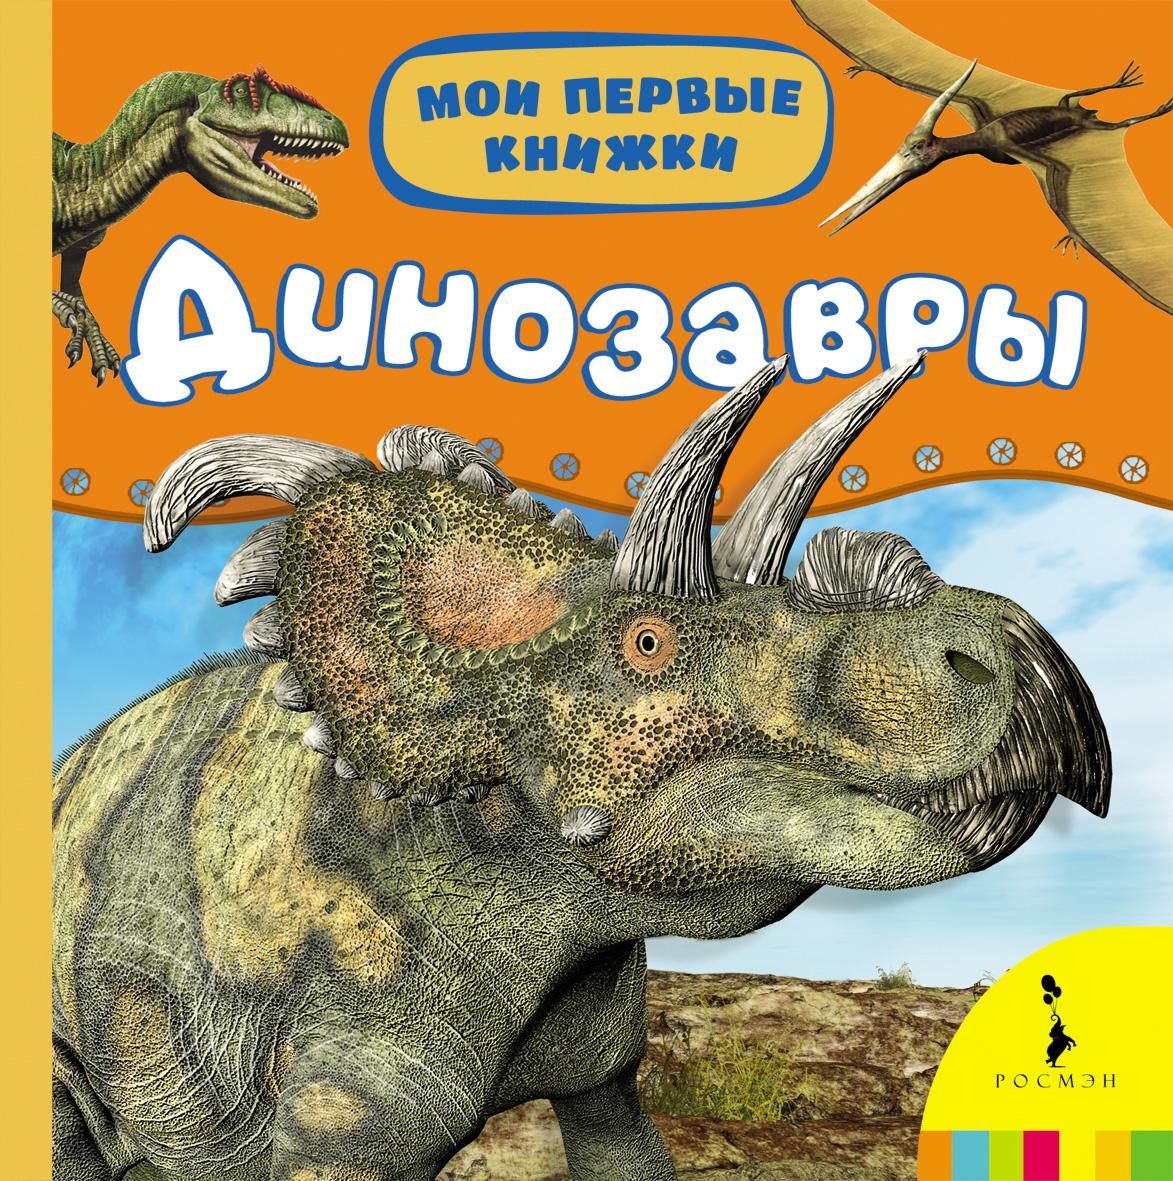 Динозавры12296407Серия МОИ ПЕРВЫЕ КНИЖКИ предназначена для чтения детям до трех лет и включает в себя темы, подобранные с учётом возраста ребёнка. Книги с яркими фотографиями, понятными текстами заинтересуют ребёнка, приобщат к чтению и помогут расширить представления малыша об окружающем мире. Самые популярные темы; Красочные и эмоциональные фотографии; Доступное изложение; Удобный и безопасный формат книги.